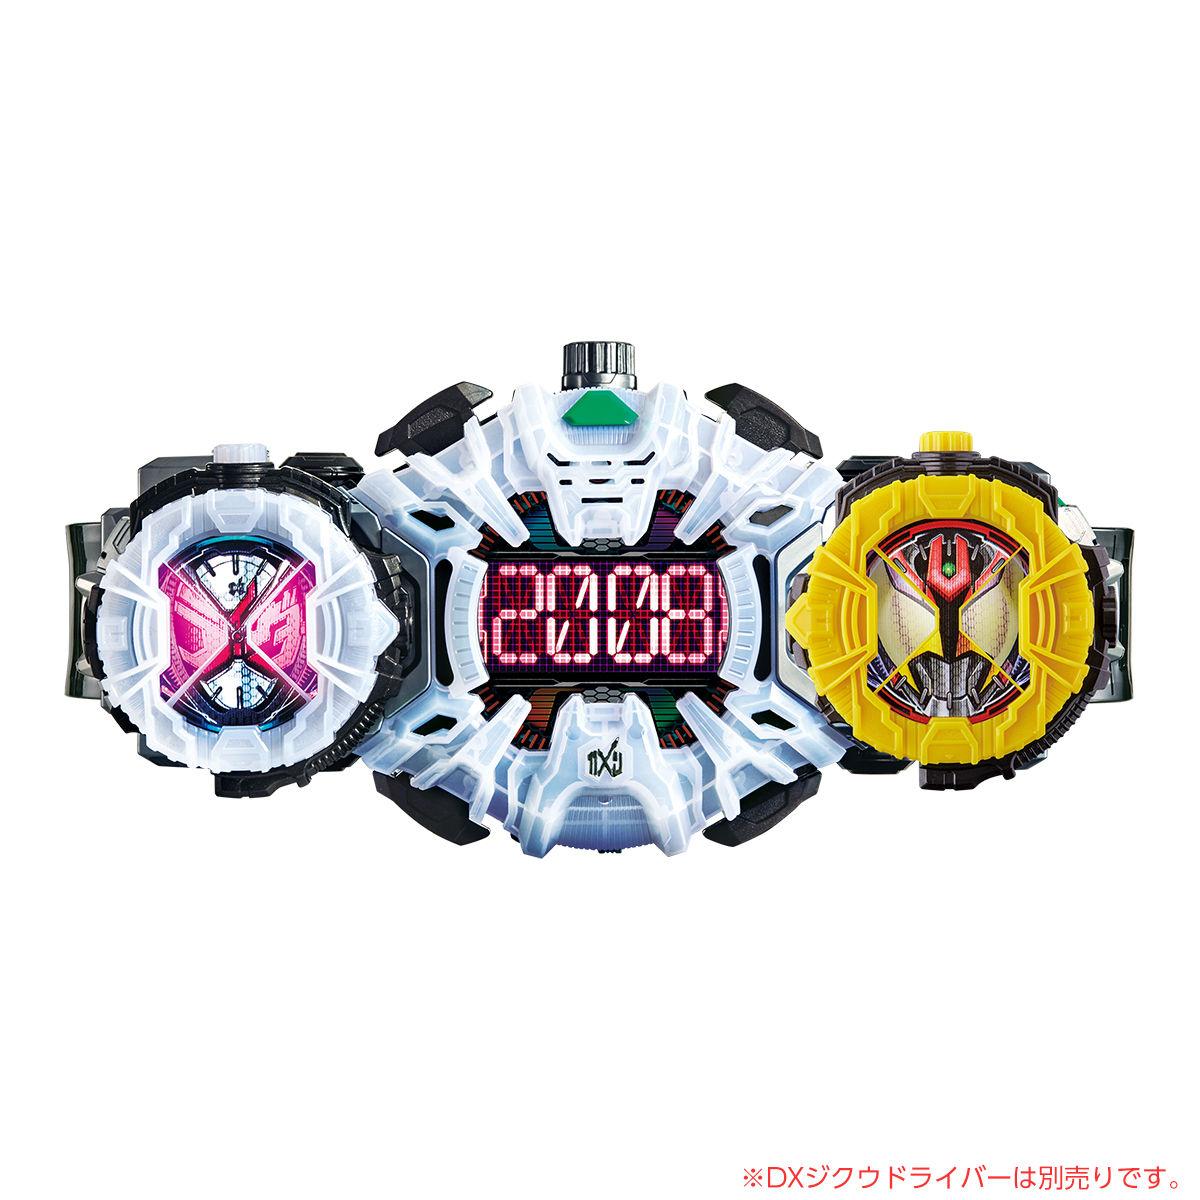 仮面ライダージオウ『DXキバライドウォッチ』変身なりきり-004